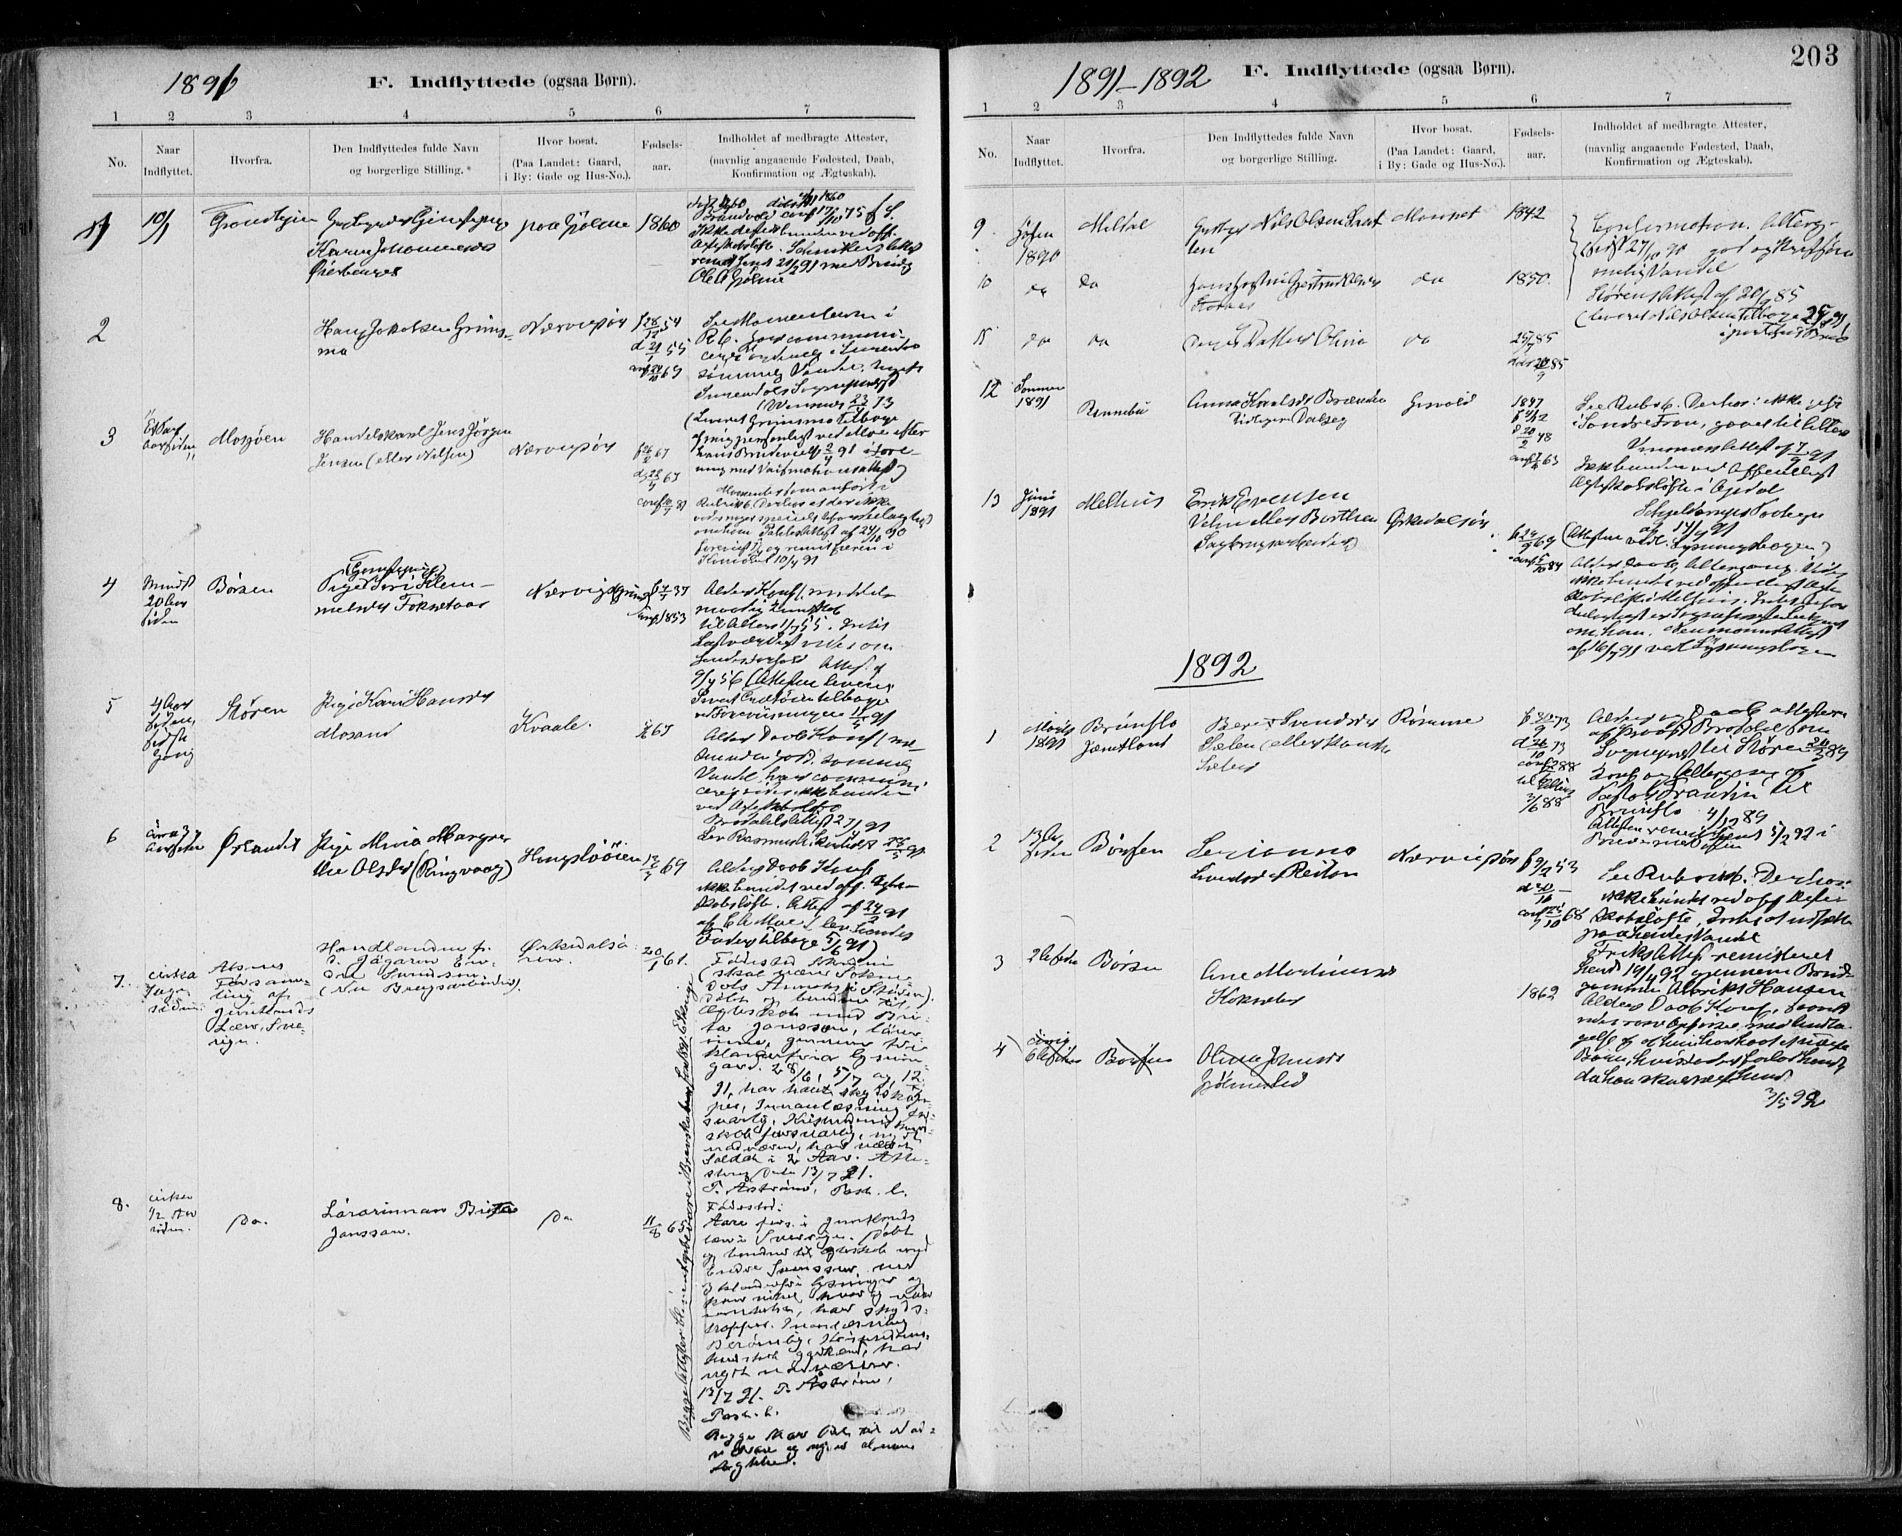 SAT, Ministerialprotokoller, klokkerbøker og fødselsregistre - Sør-Trøndelag, 668/L0810: Ministerialbok nr. 668A10, 1881-1894, s. 203